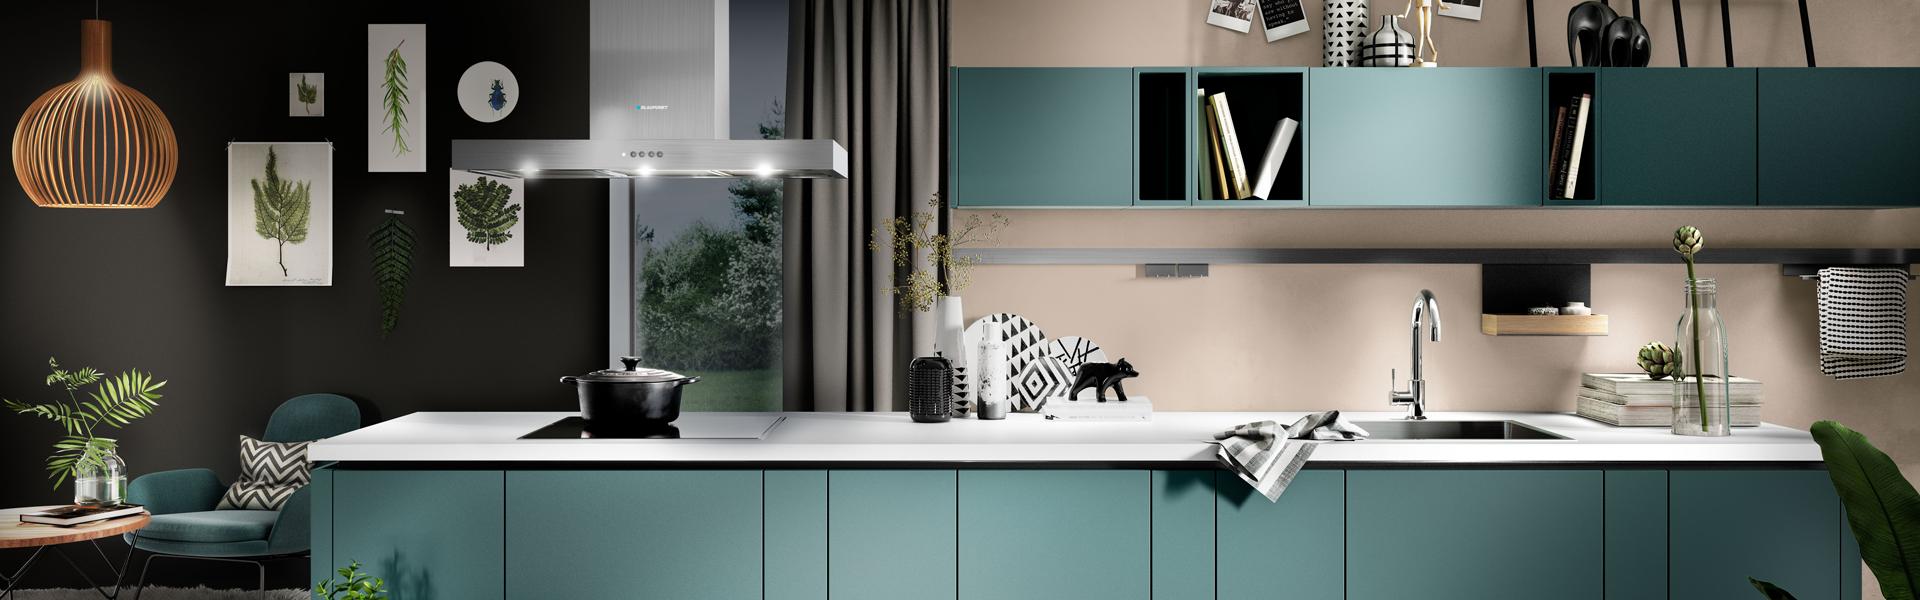 Aanbod aan luxe blauwe keukens | Eigenhuis Keukens